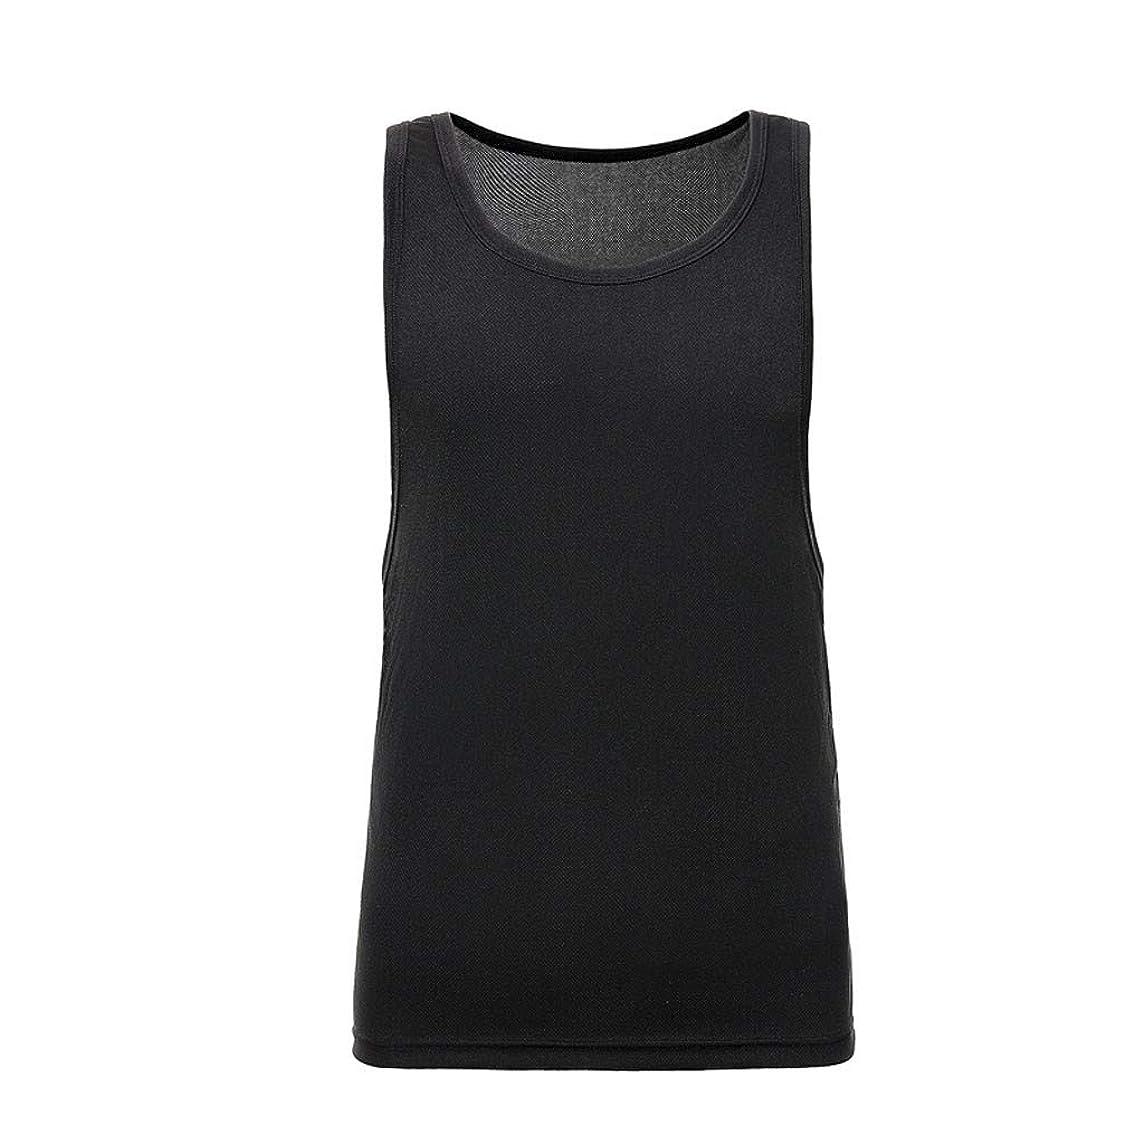 iHPH7 Men's Tank Top Tee Shirt Sport Fitness Vest #19052639